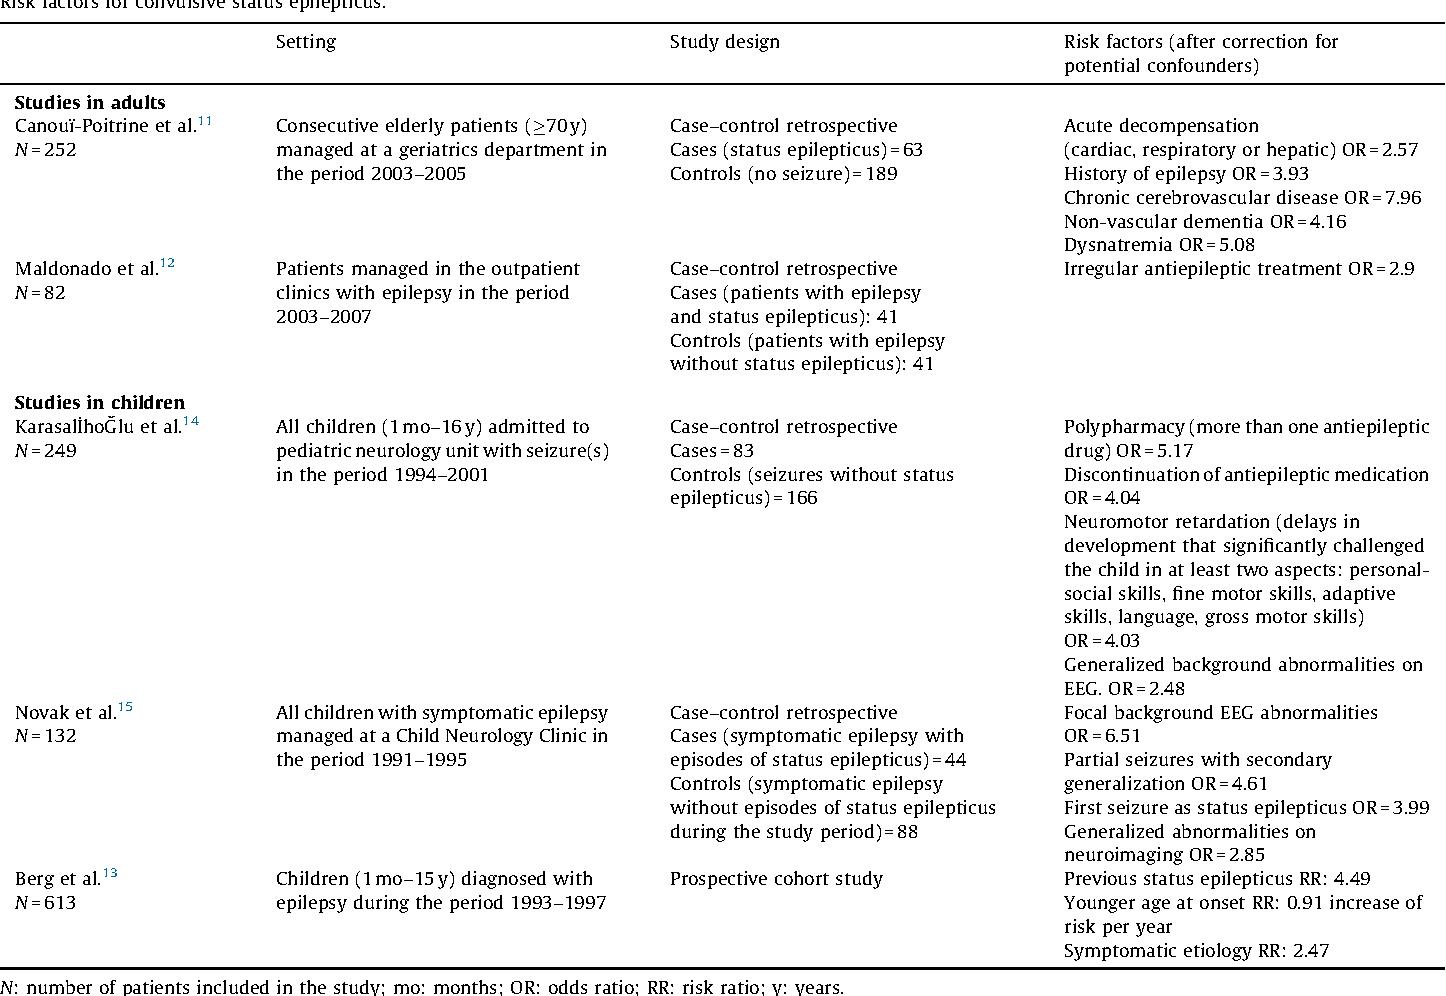 Comparison of risk factors for pediatric convulsive status